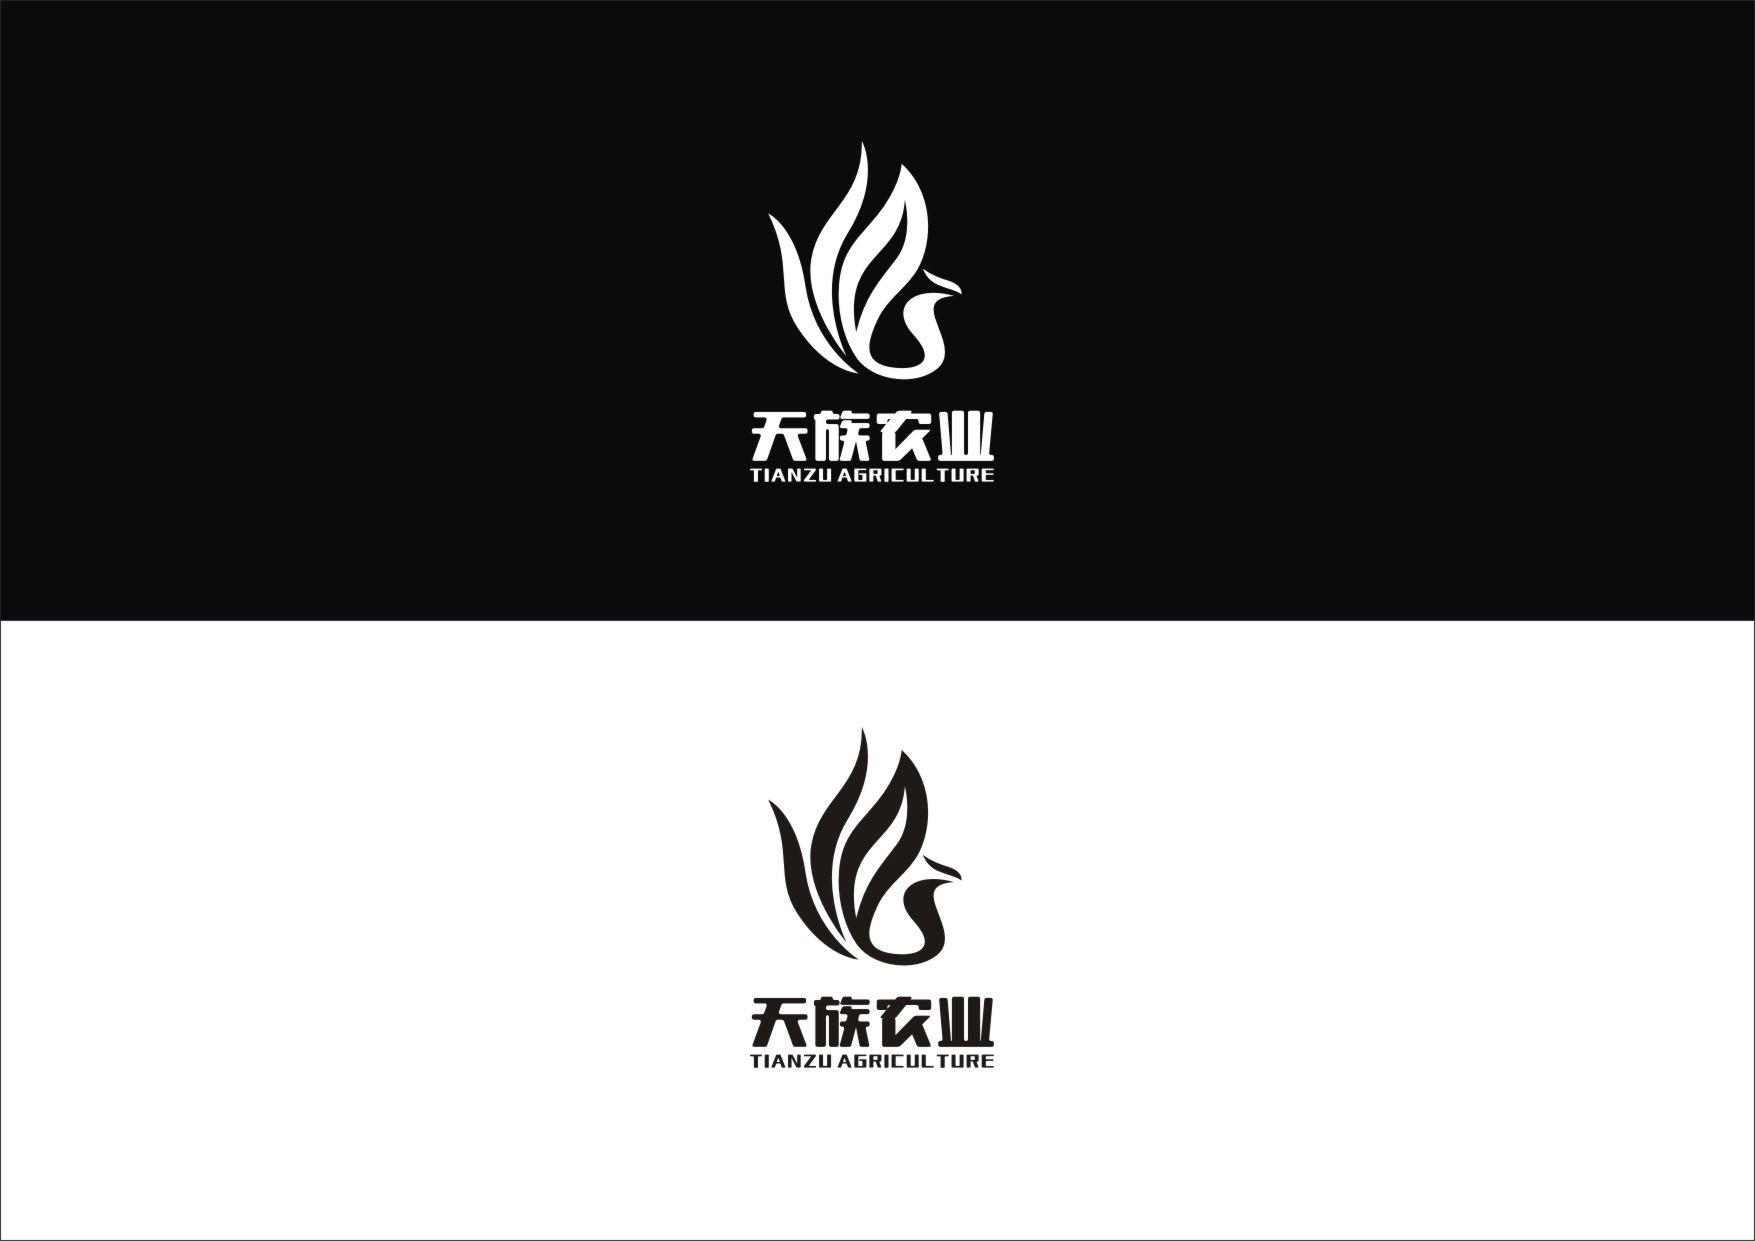 国外农业logo素材